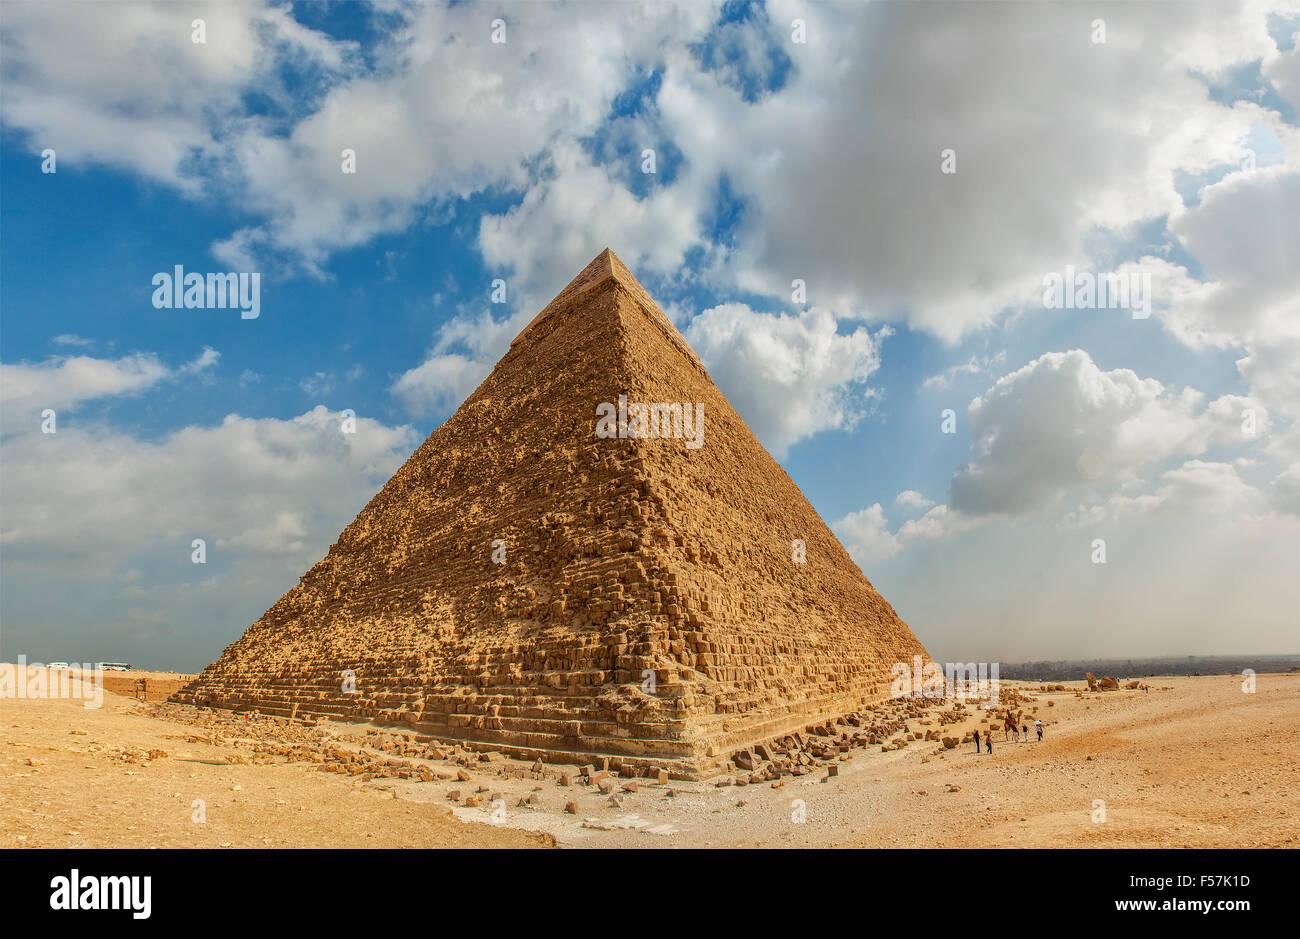 Immagine della Grande Piramide di Giza. Il Cairo, Egitto. Immagini Stock